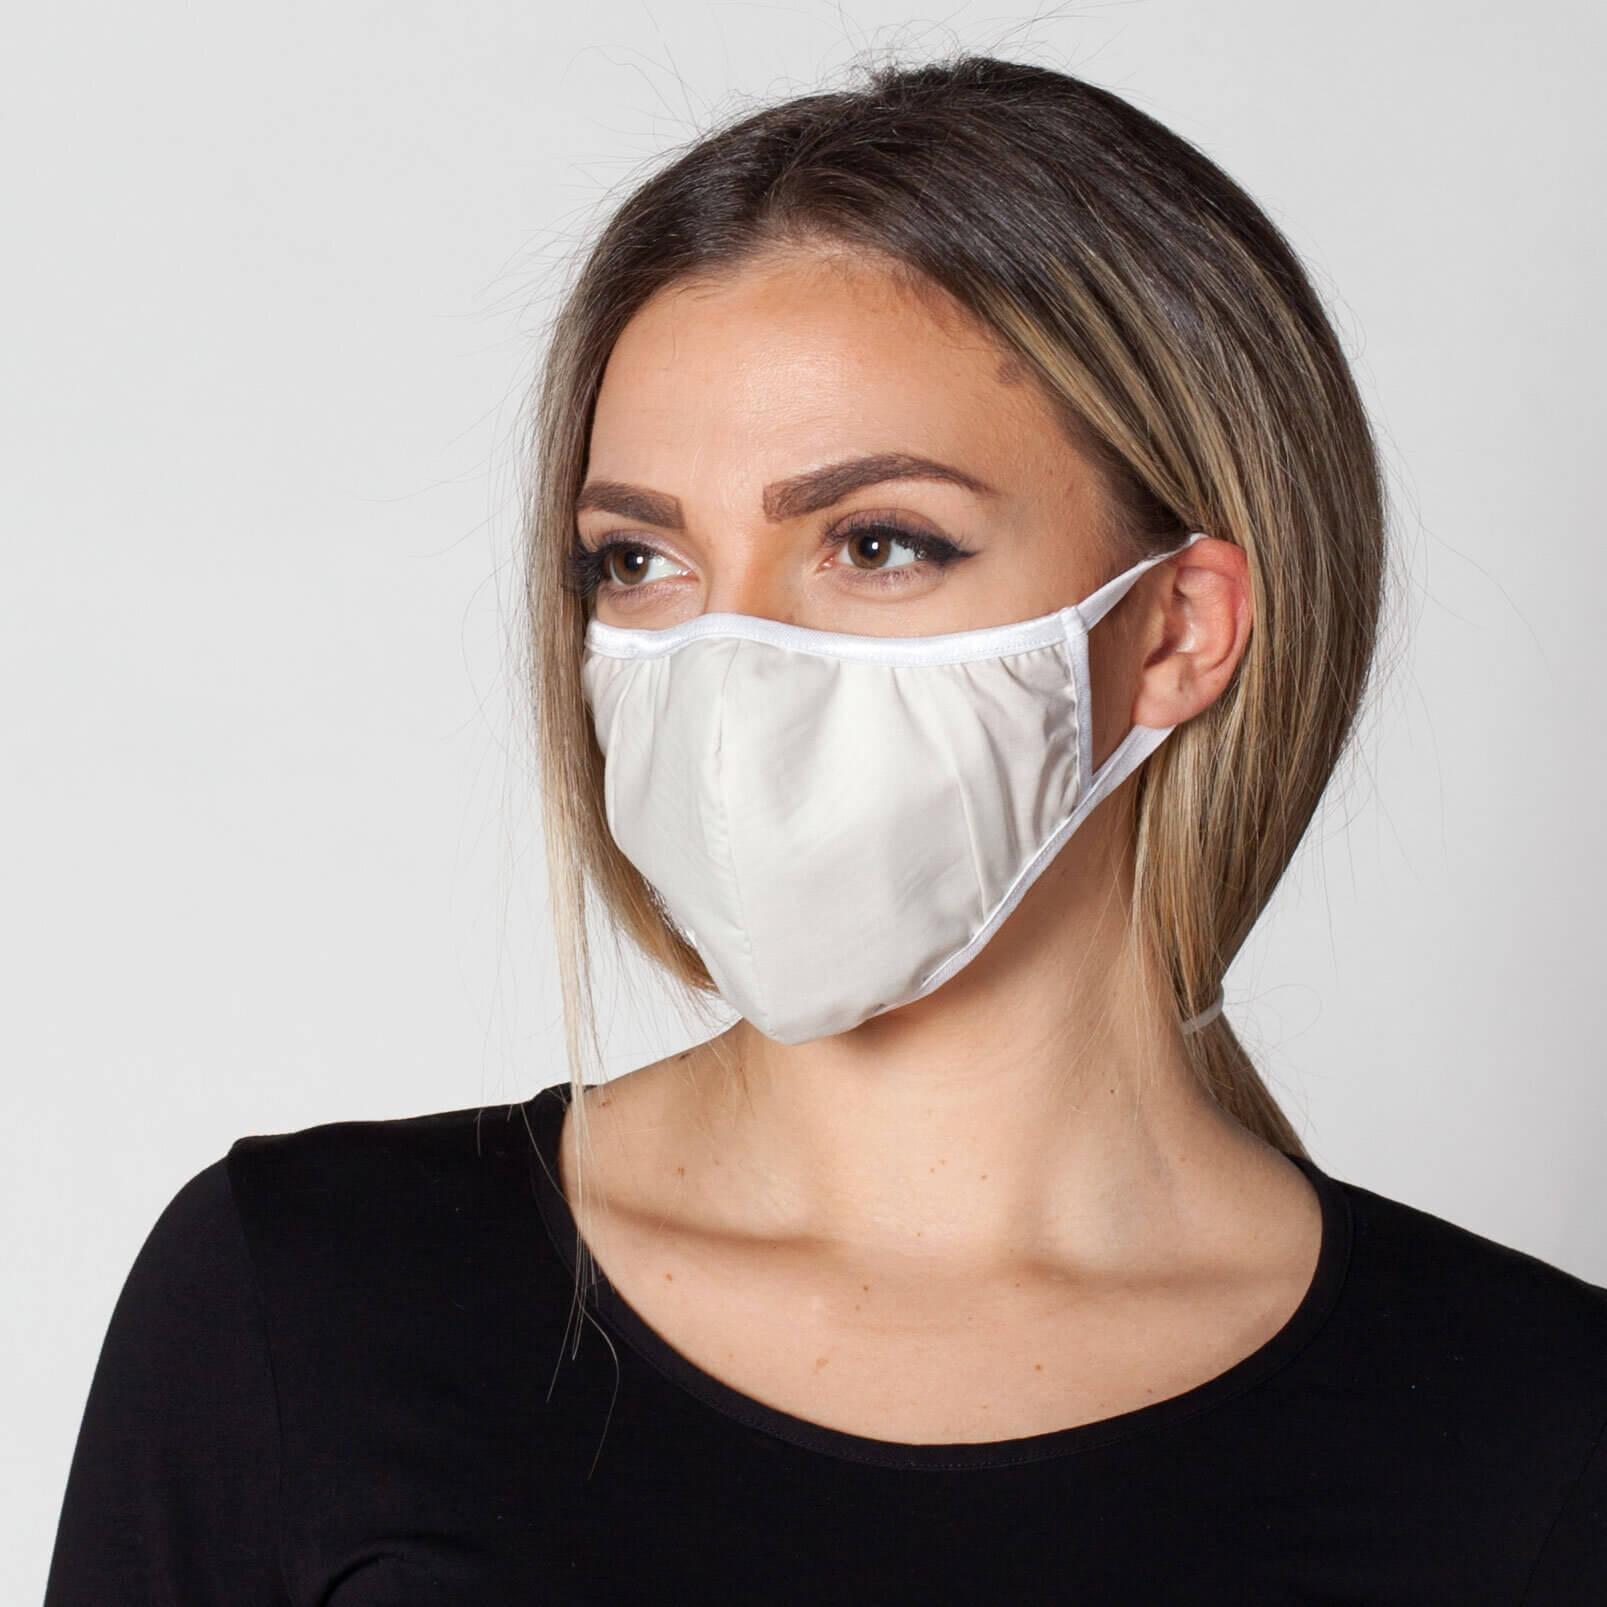 Купи бели маски с филтър със сребърни йони от Promask. Предпазните маски са със сертификати за качество и са за многократна употреба.